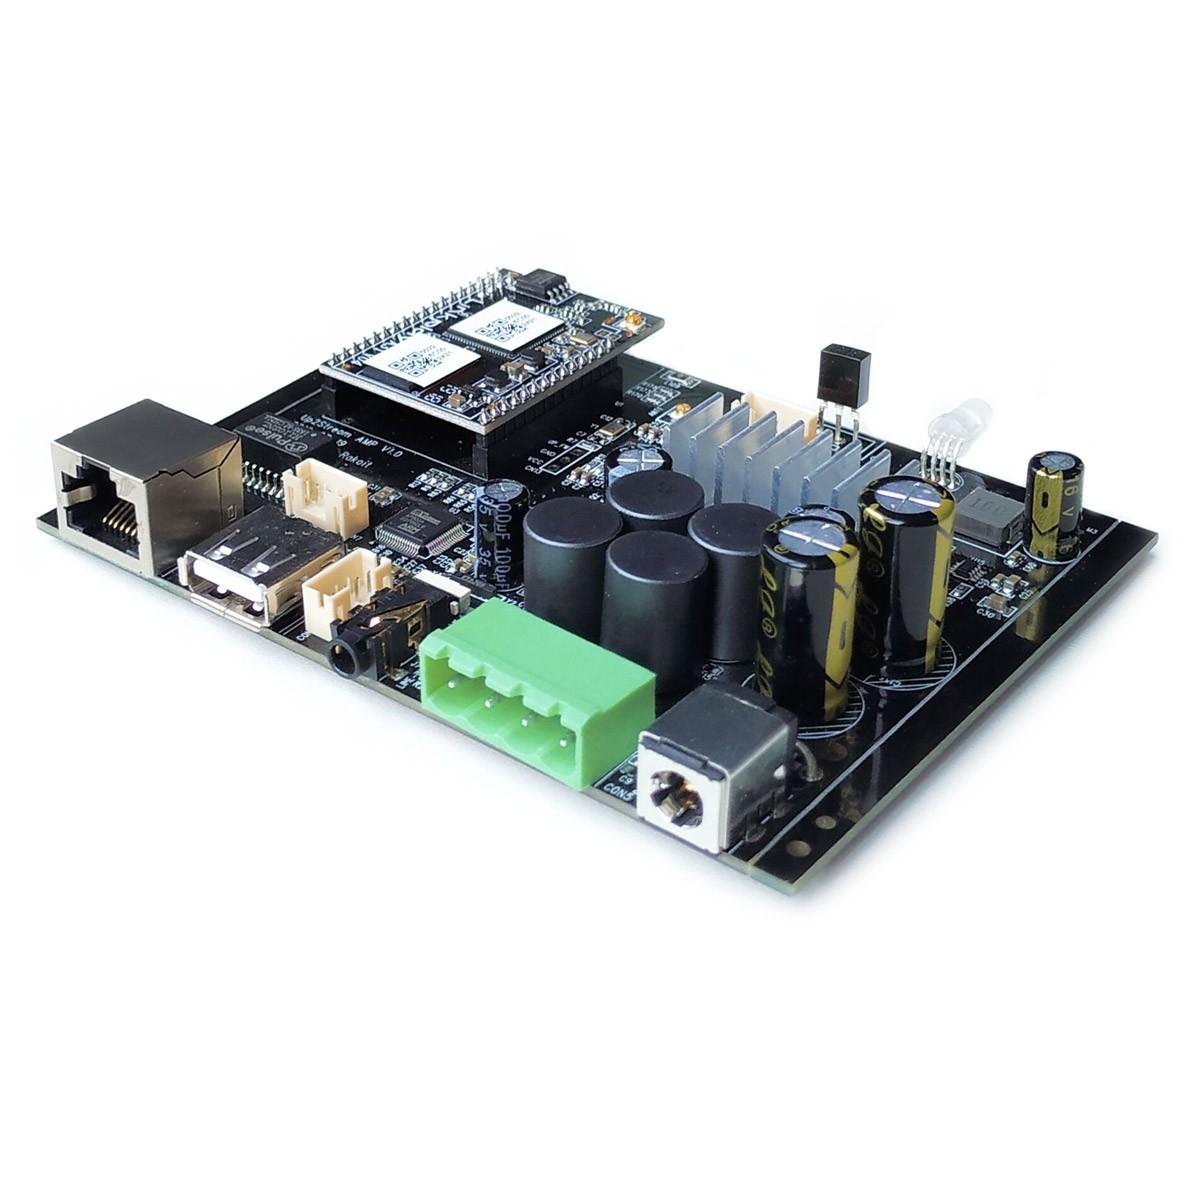 ARYLIC UP2STREAM AMP PRO D6 Amplifier Module WiFi DLNA Bluetooth 5.0 2x50W 4 Ohm 24bit 192kHz